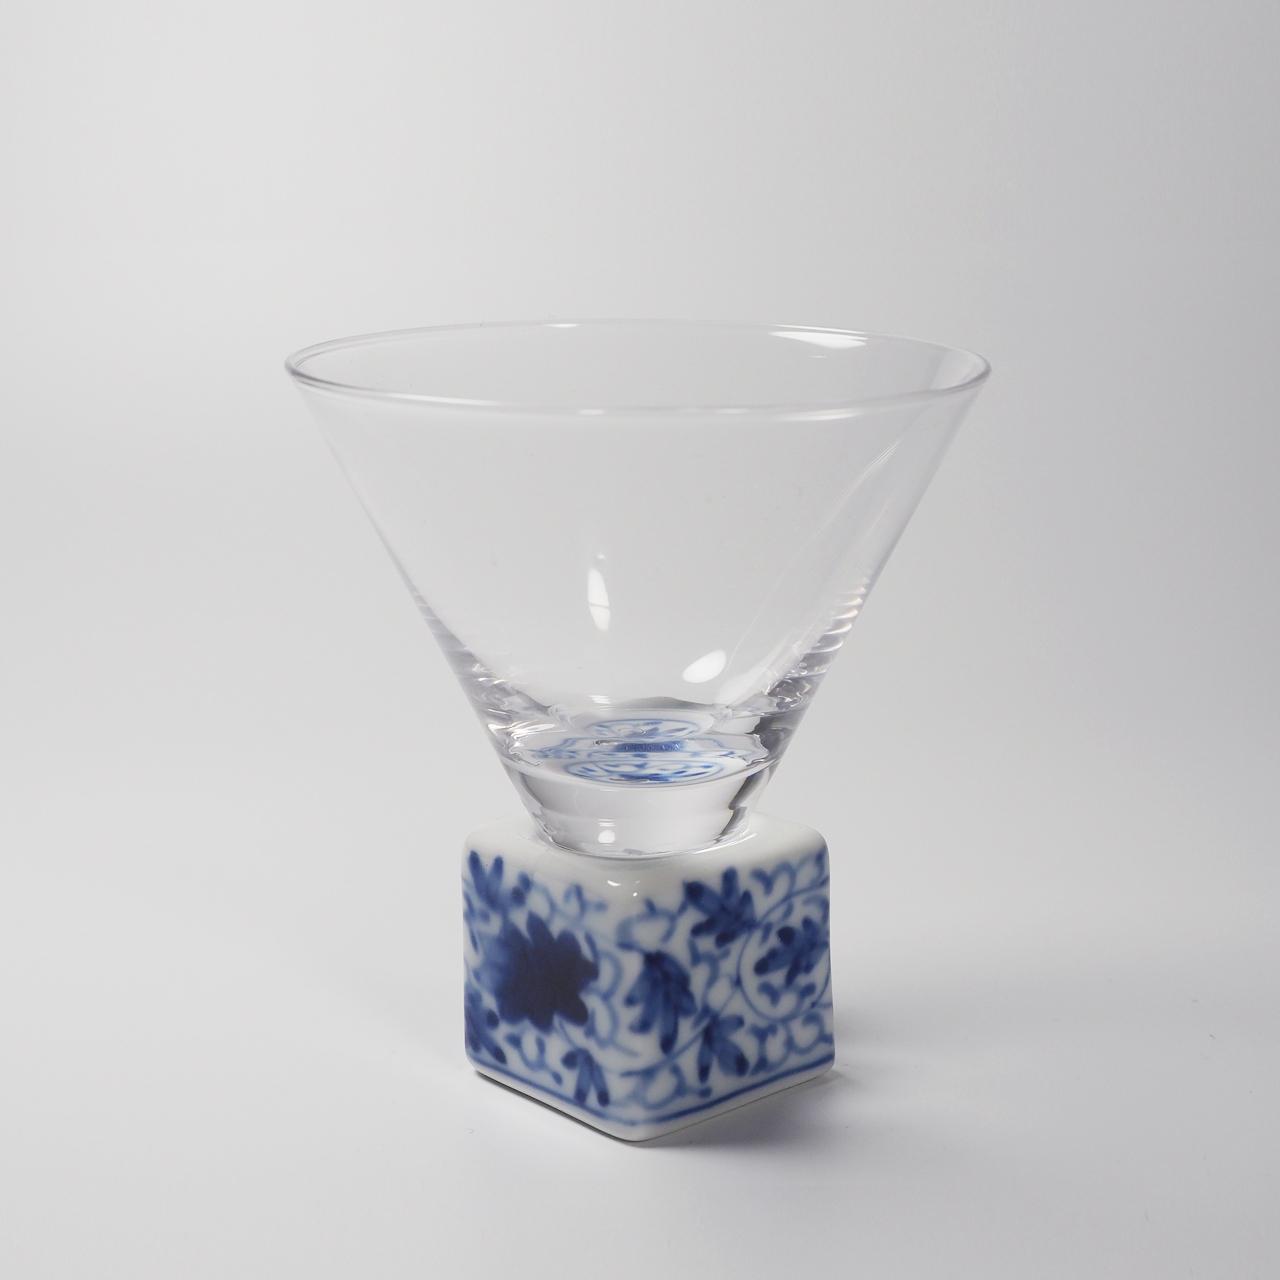 酒グラス(正角) 染付華唐草 20-003-B